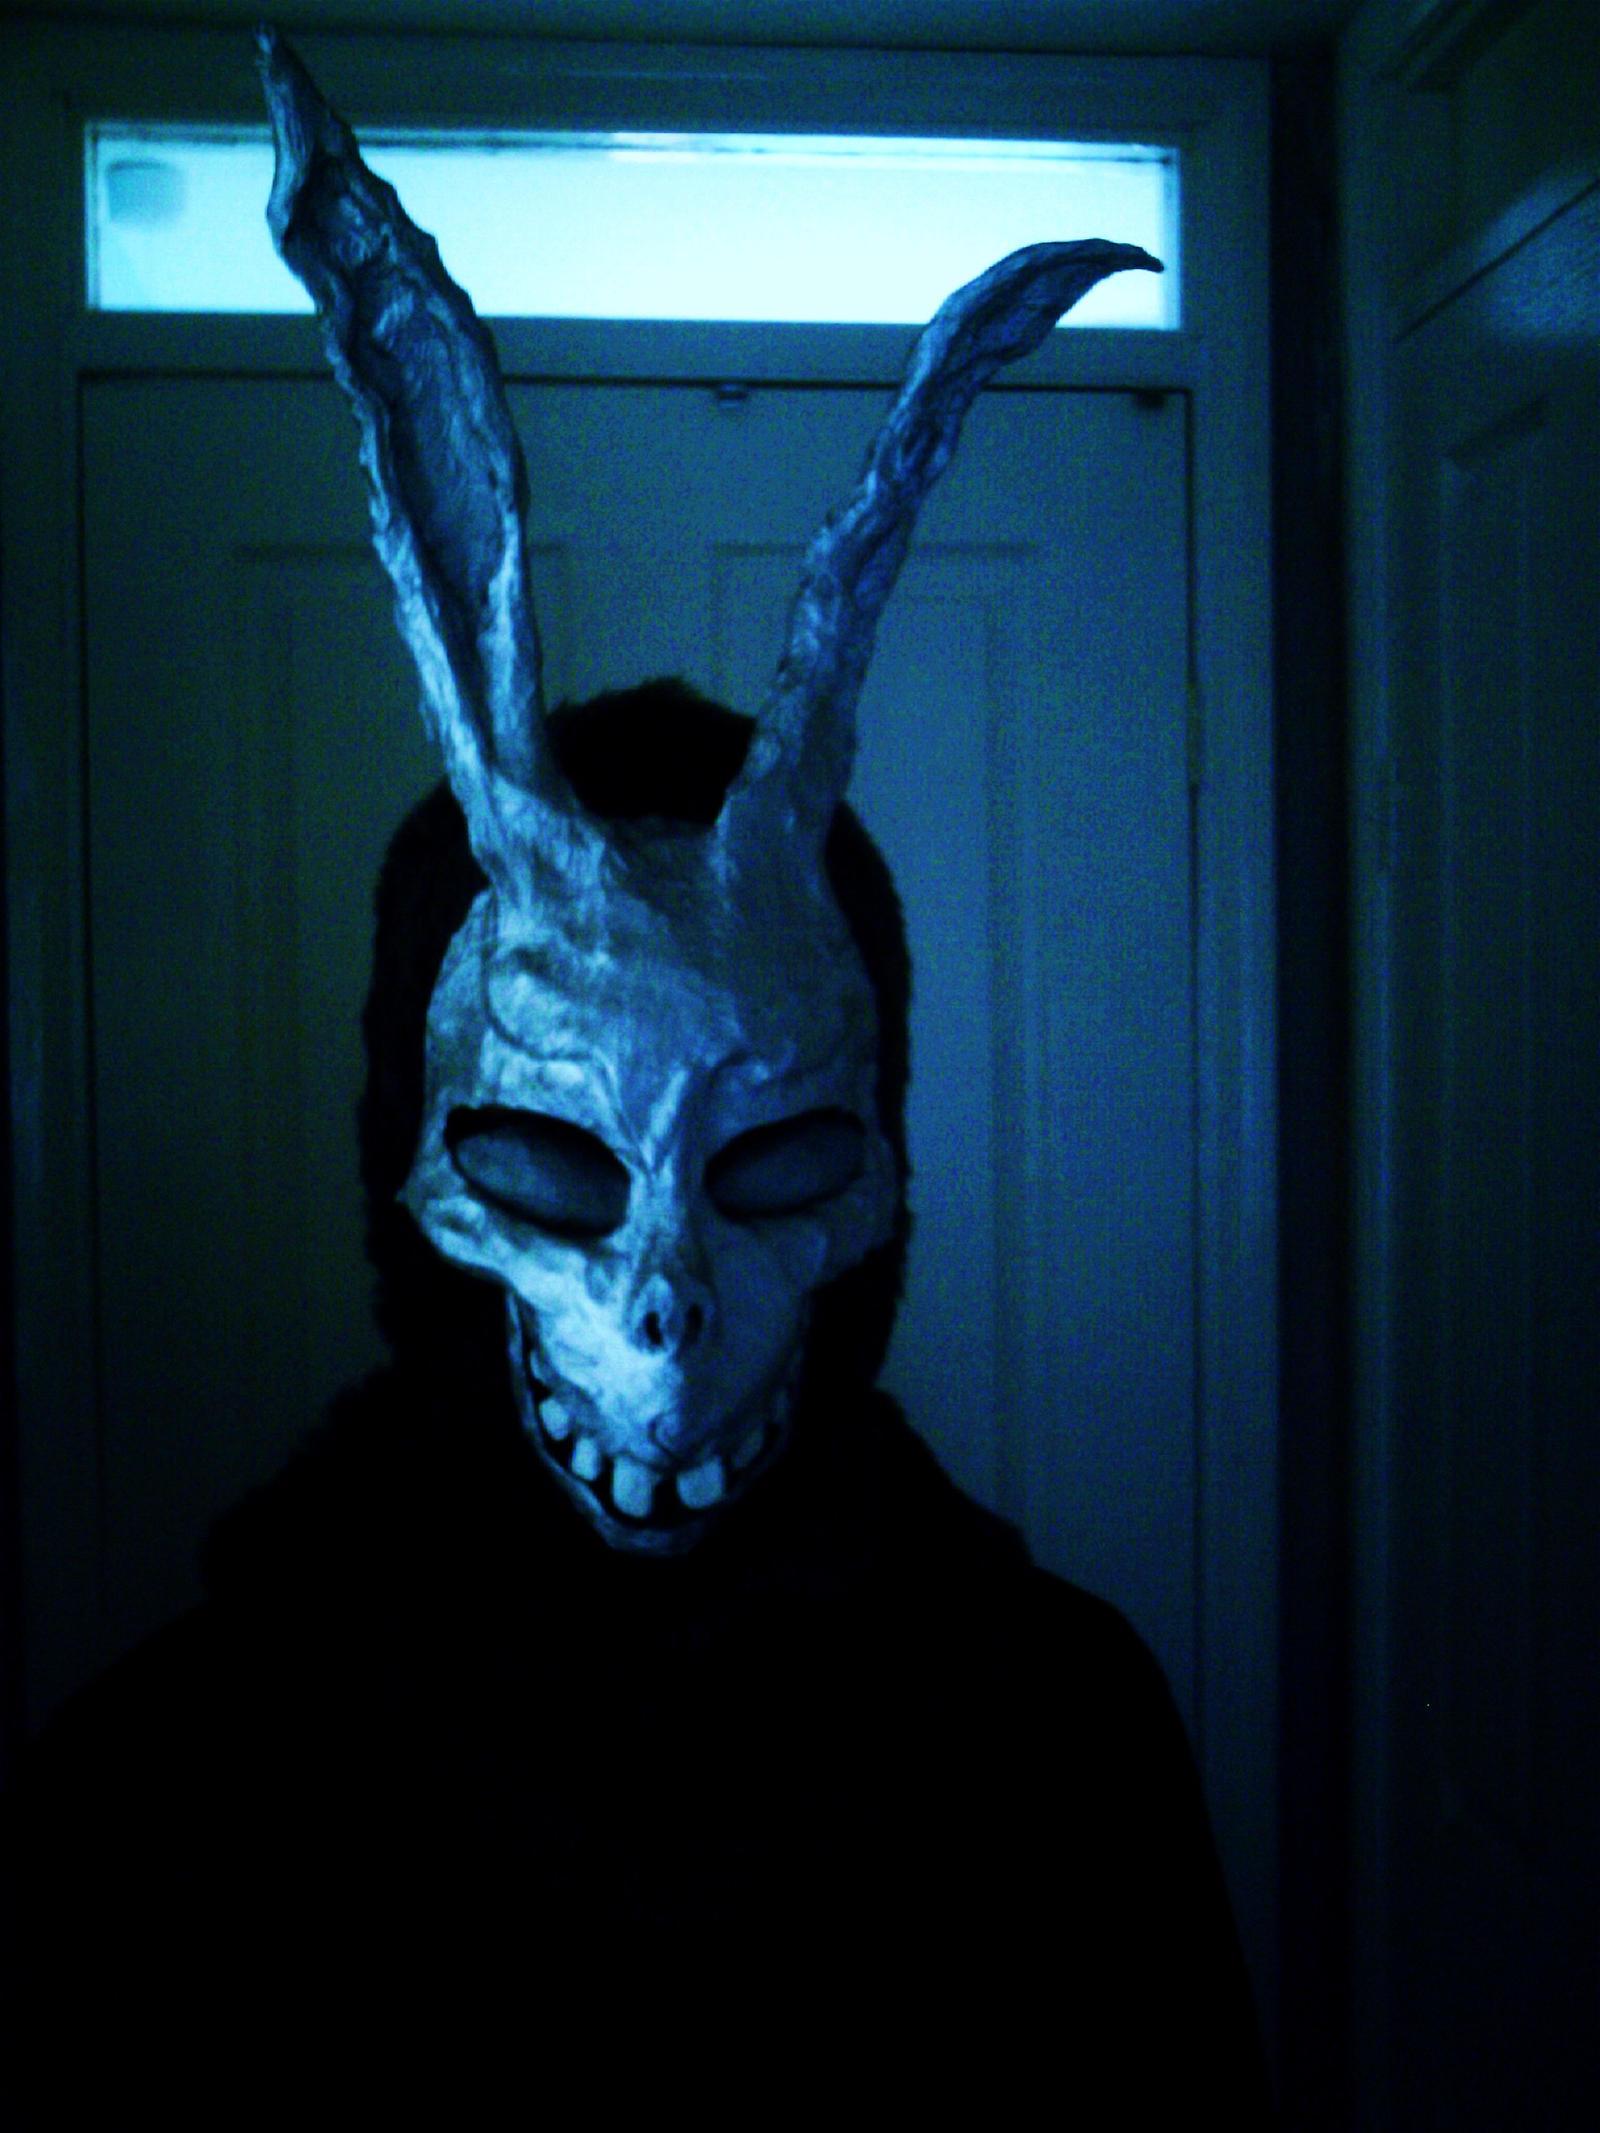 443Маска из сериала зайцев